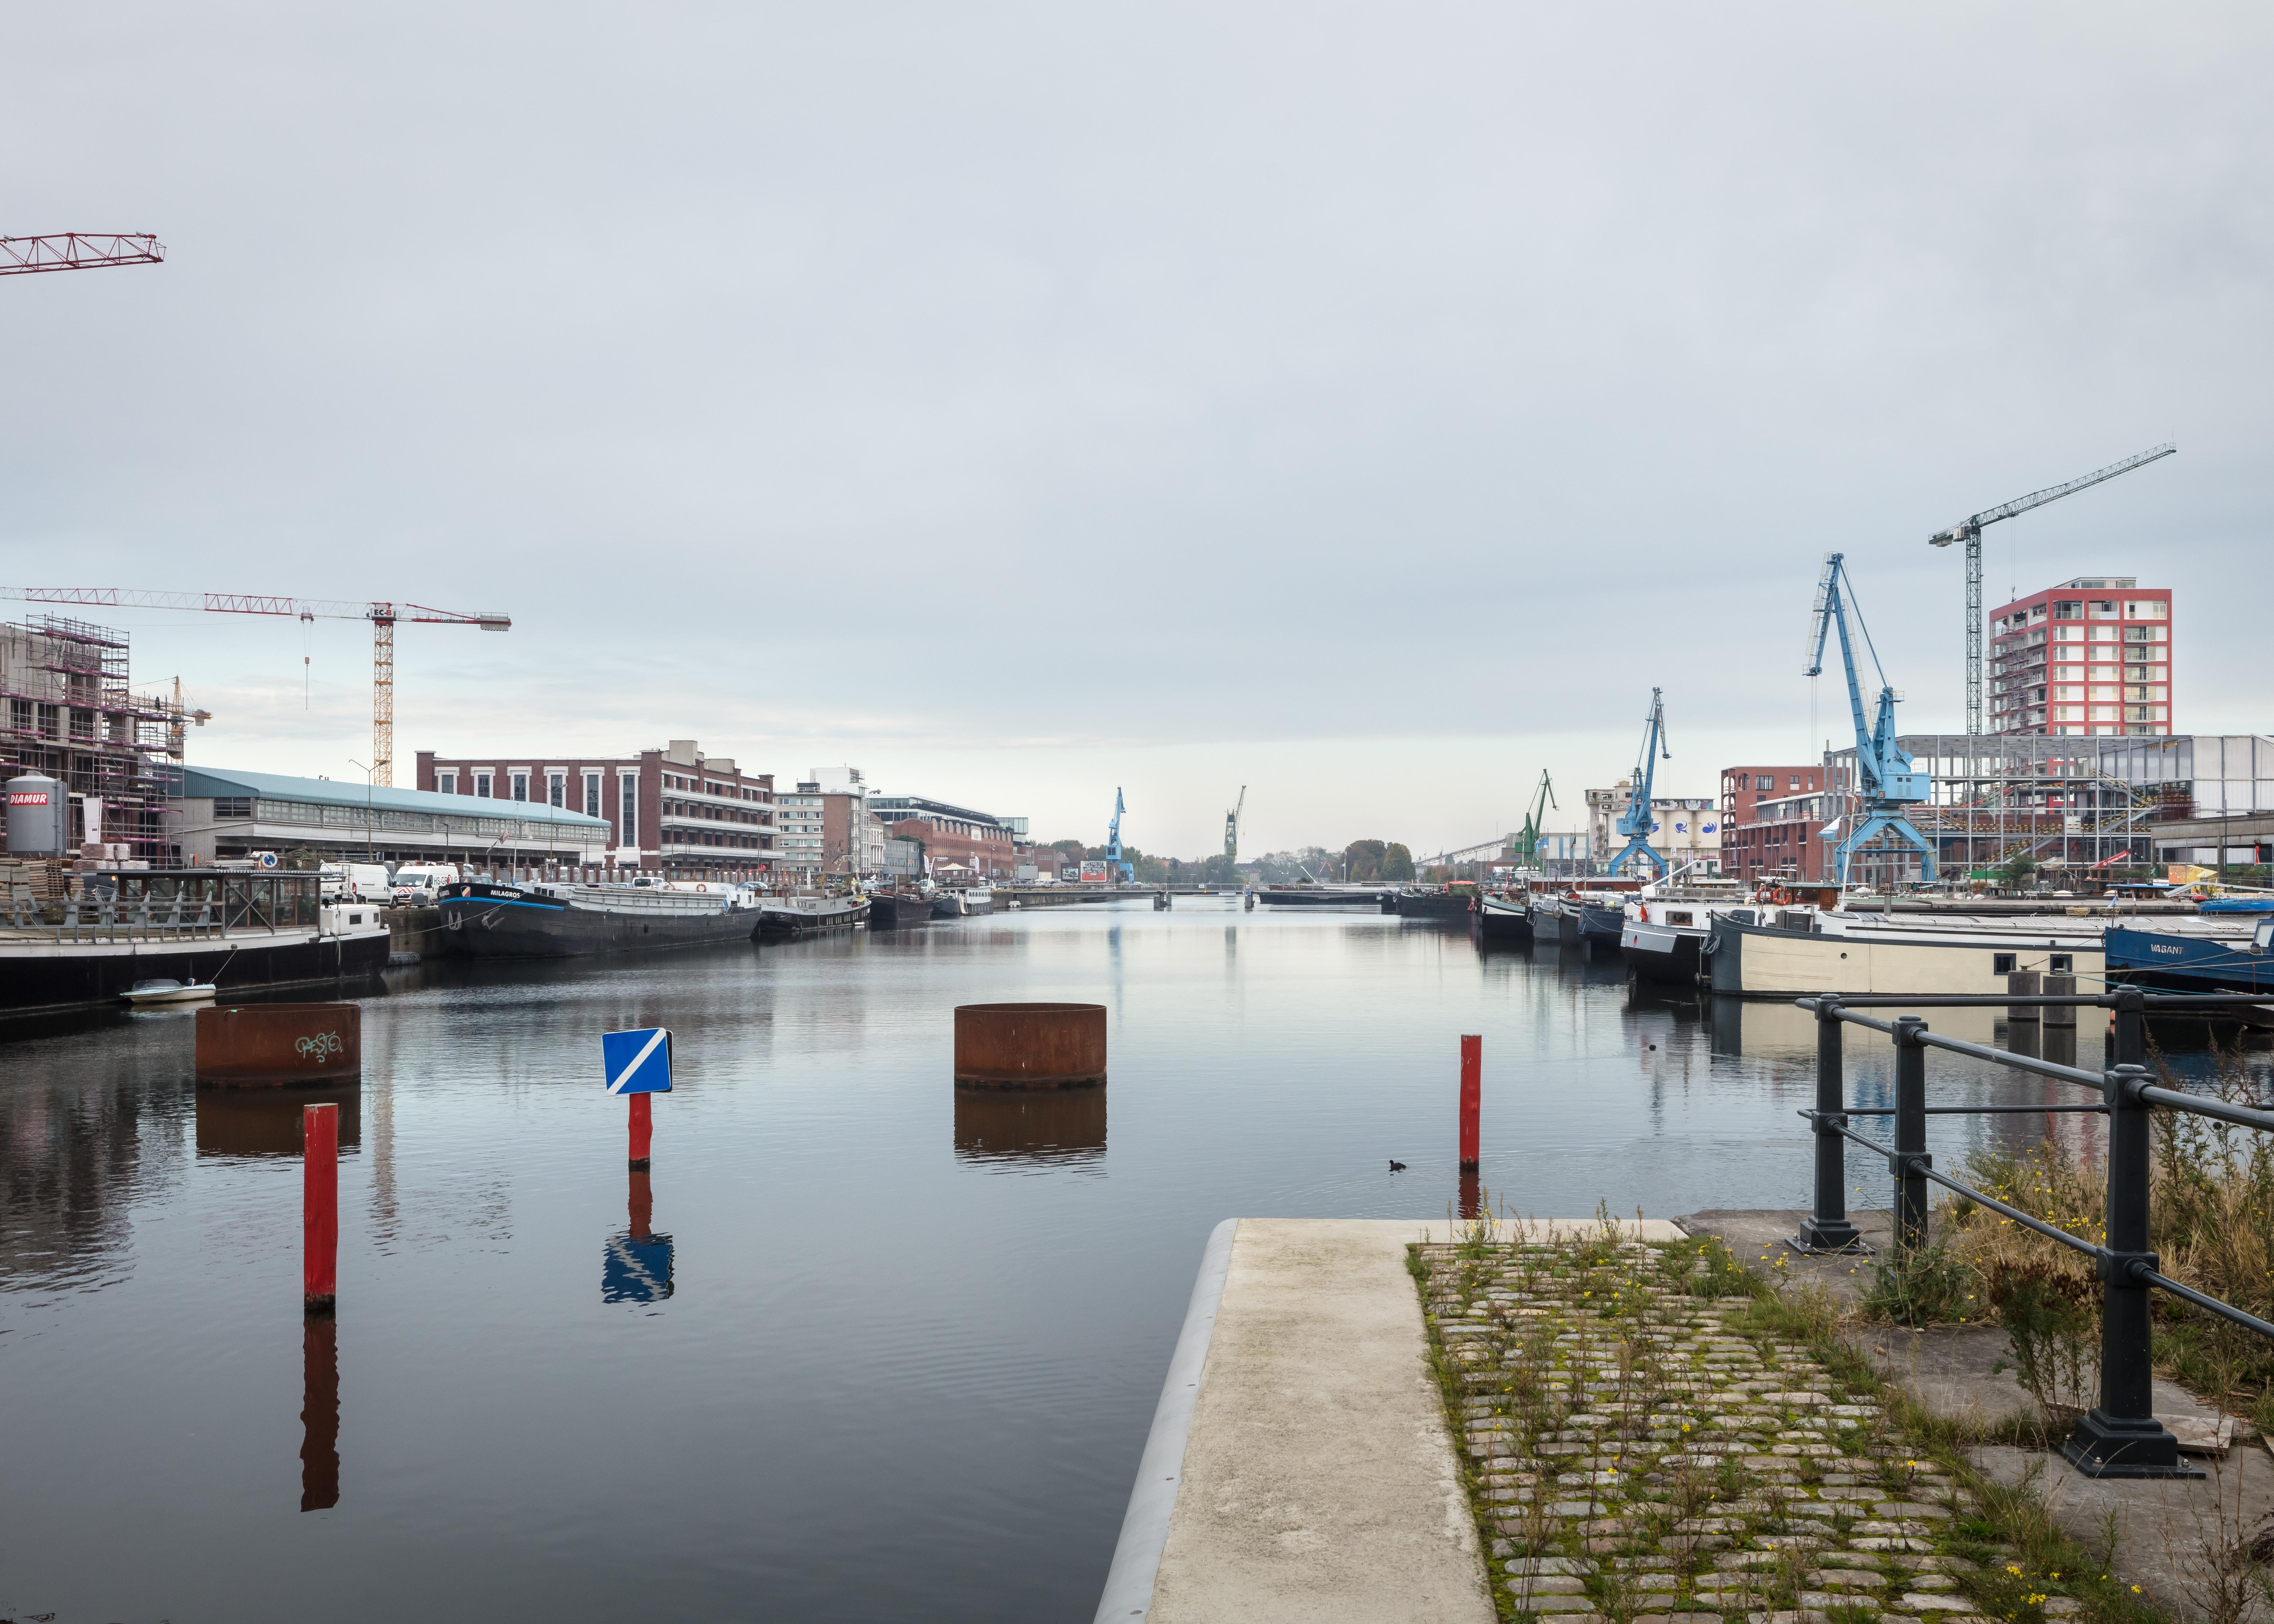 20191104_AV_DOKALG_Stijn Bollaert_aangekocht (15).jpg